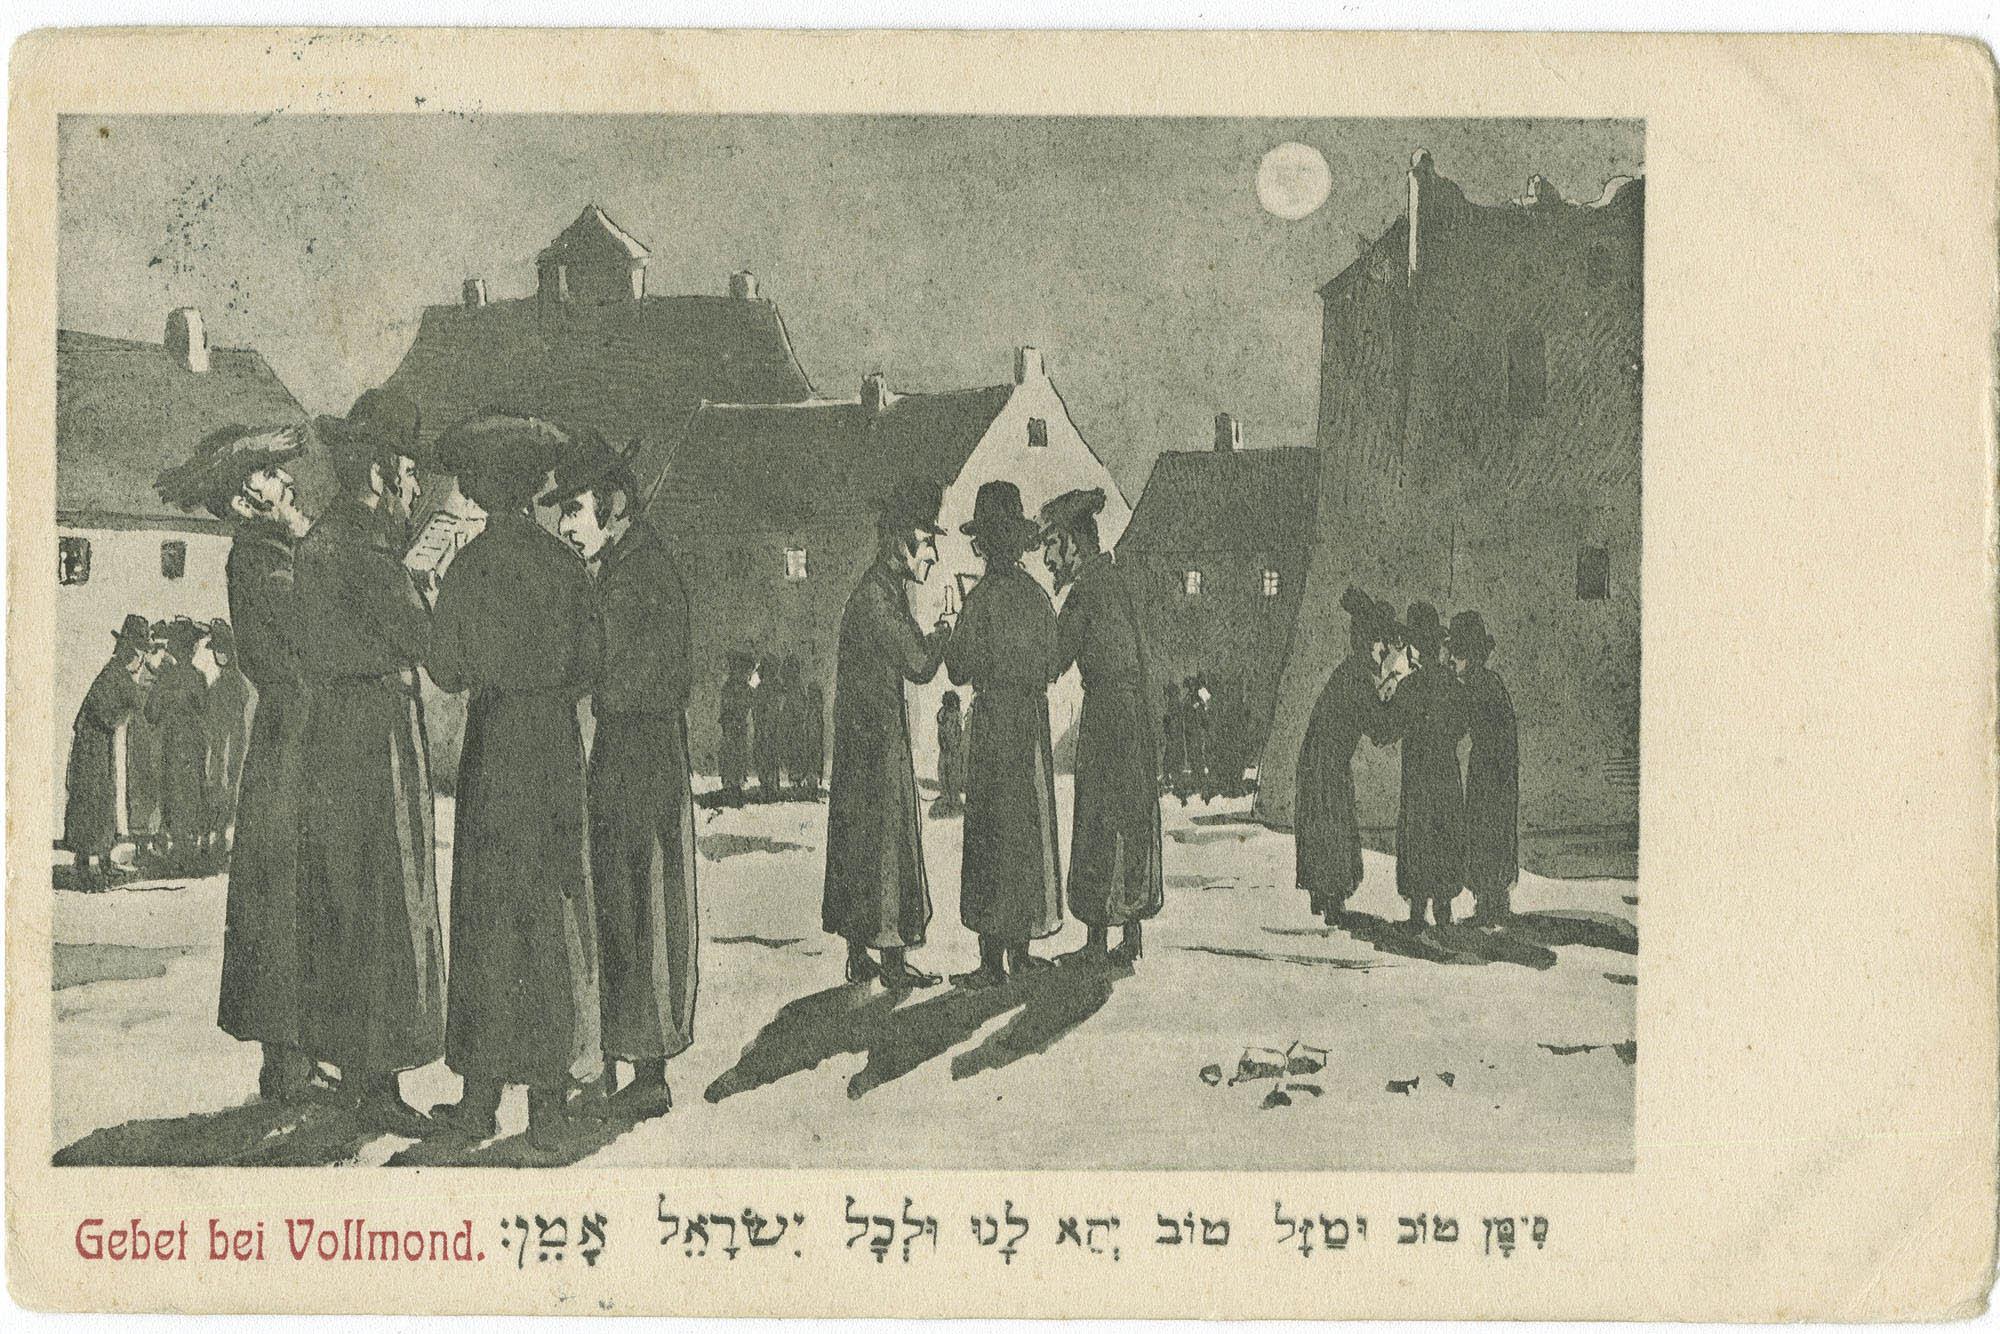 Gebet bei Vollmond